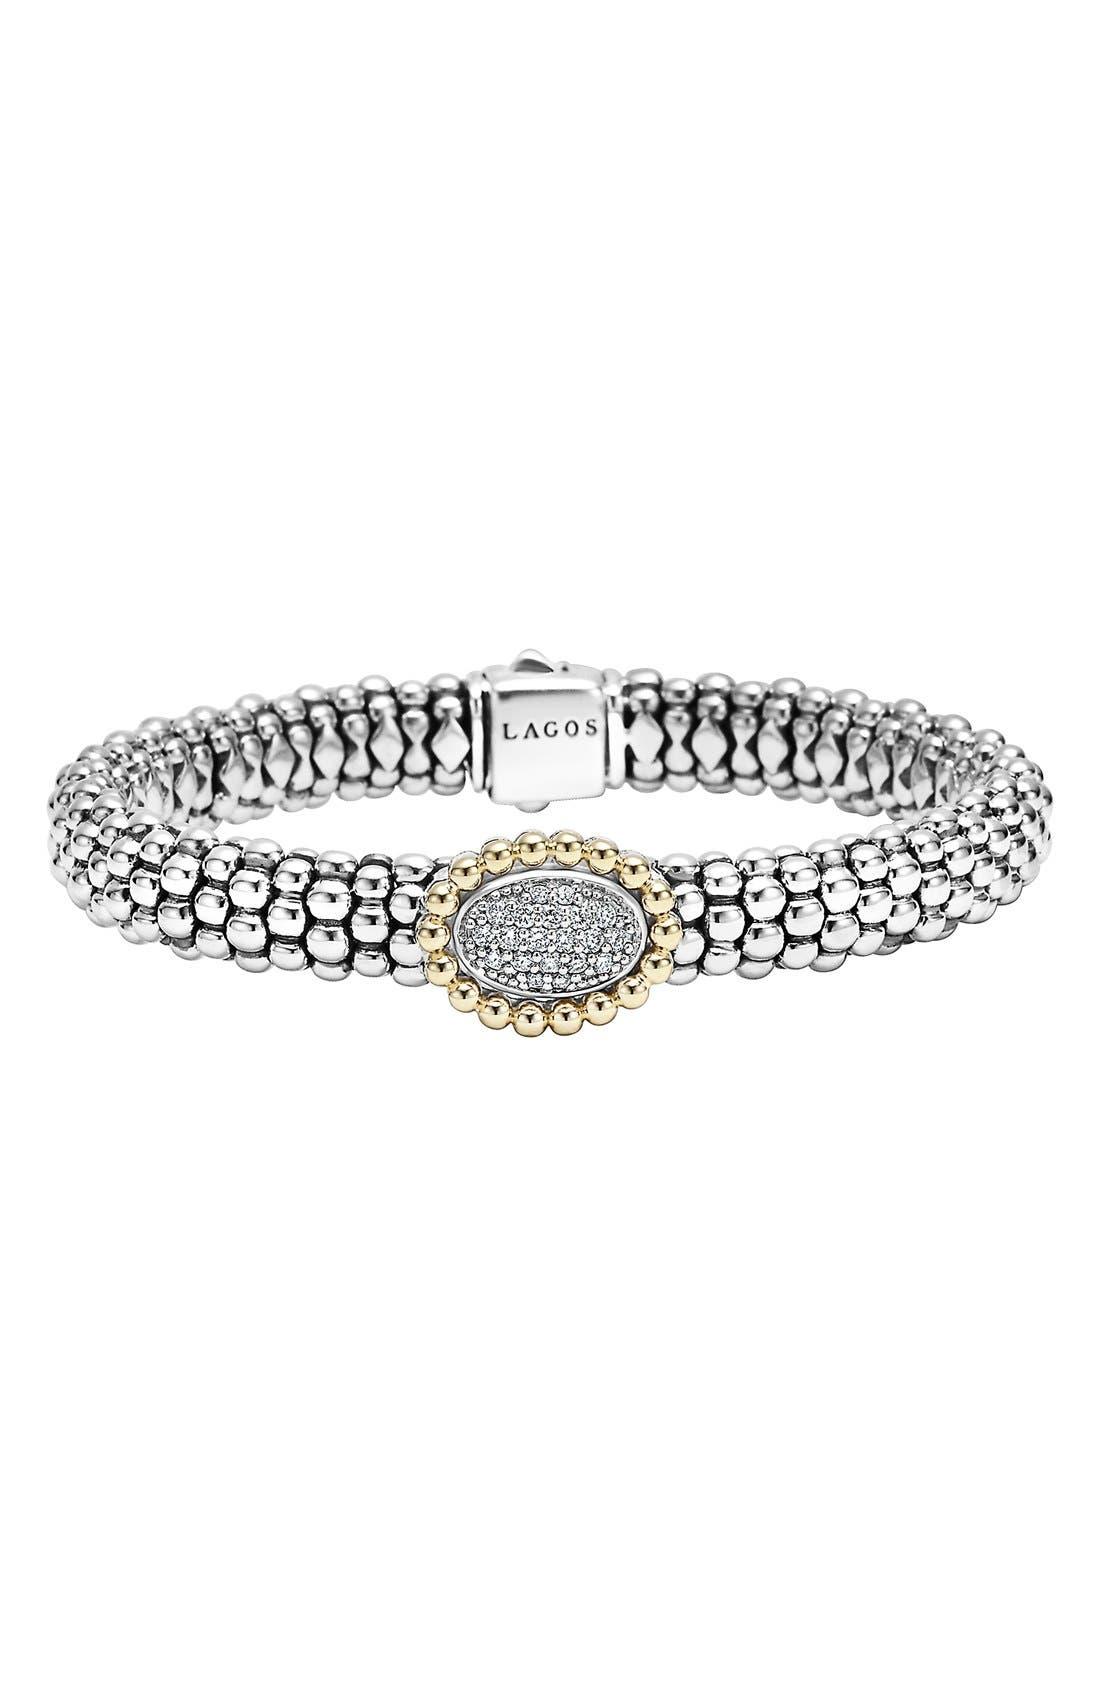 LAGOS 'Caviar' Diamond Bracelet